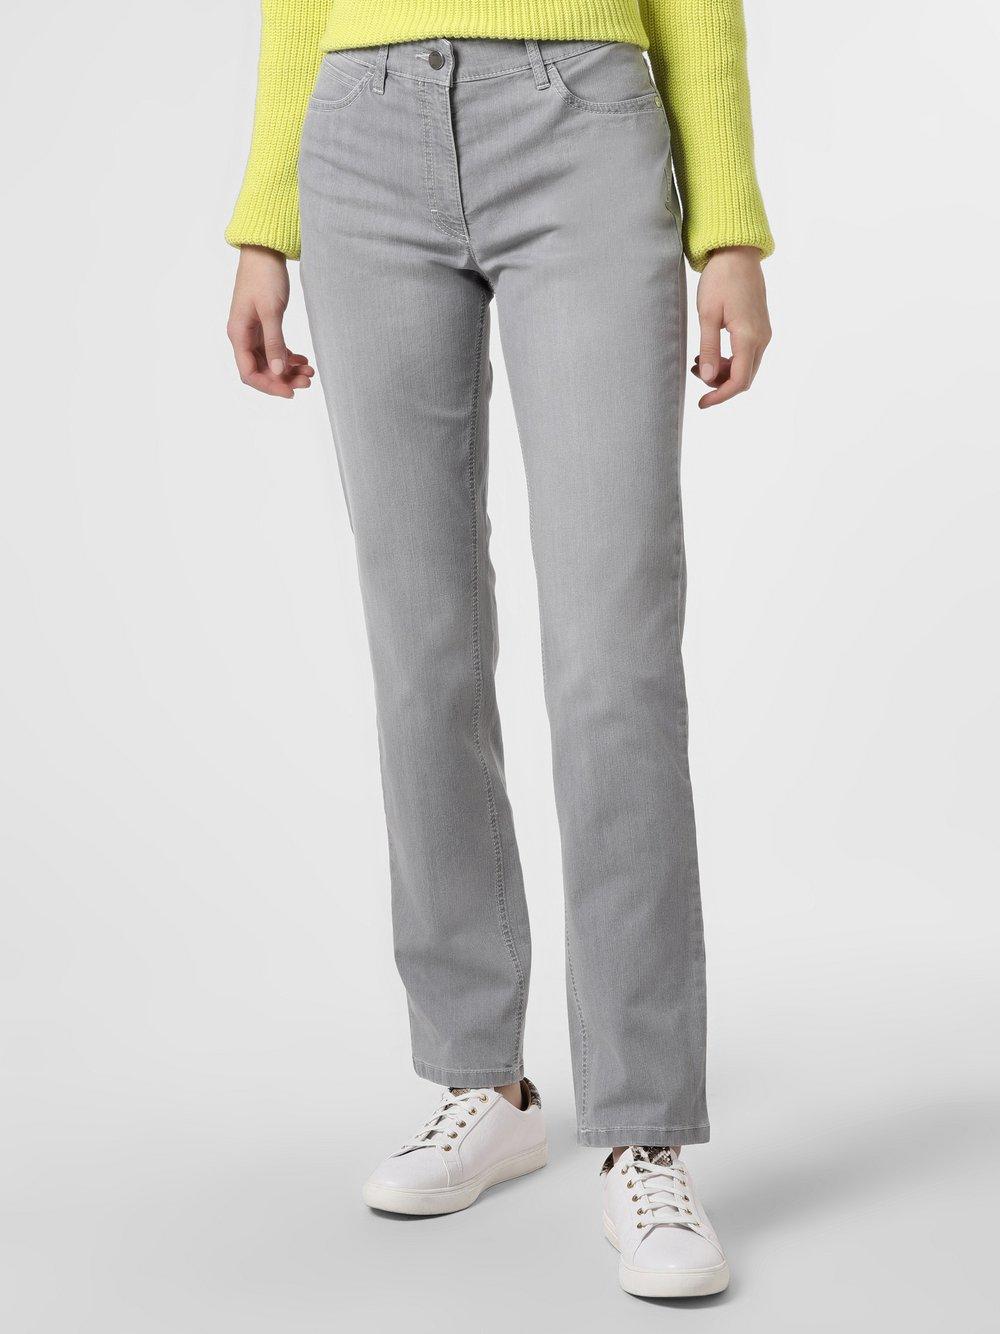 Zerres – Spodnie damskie, szary Van Graaf 466878-0002-00420